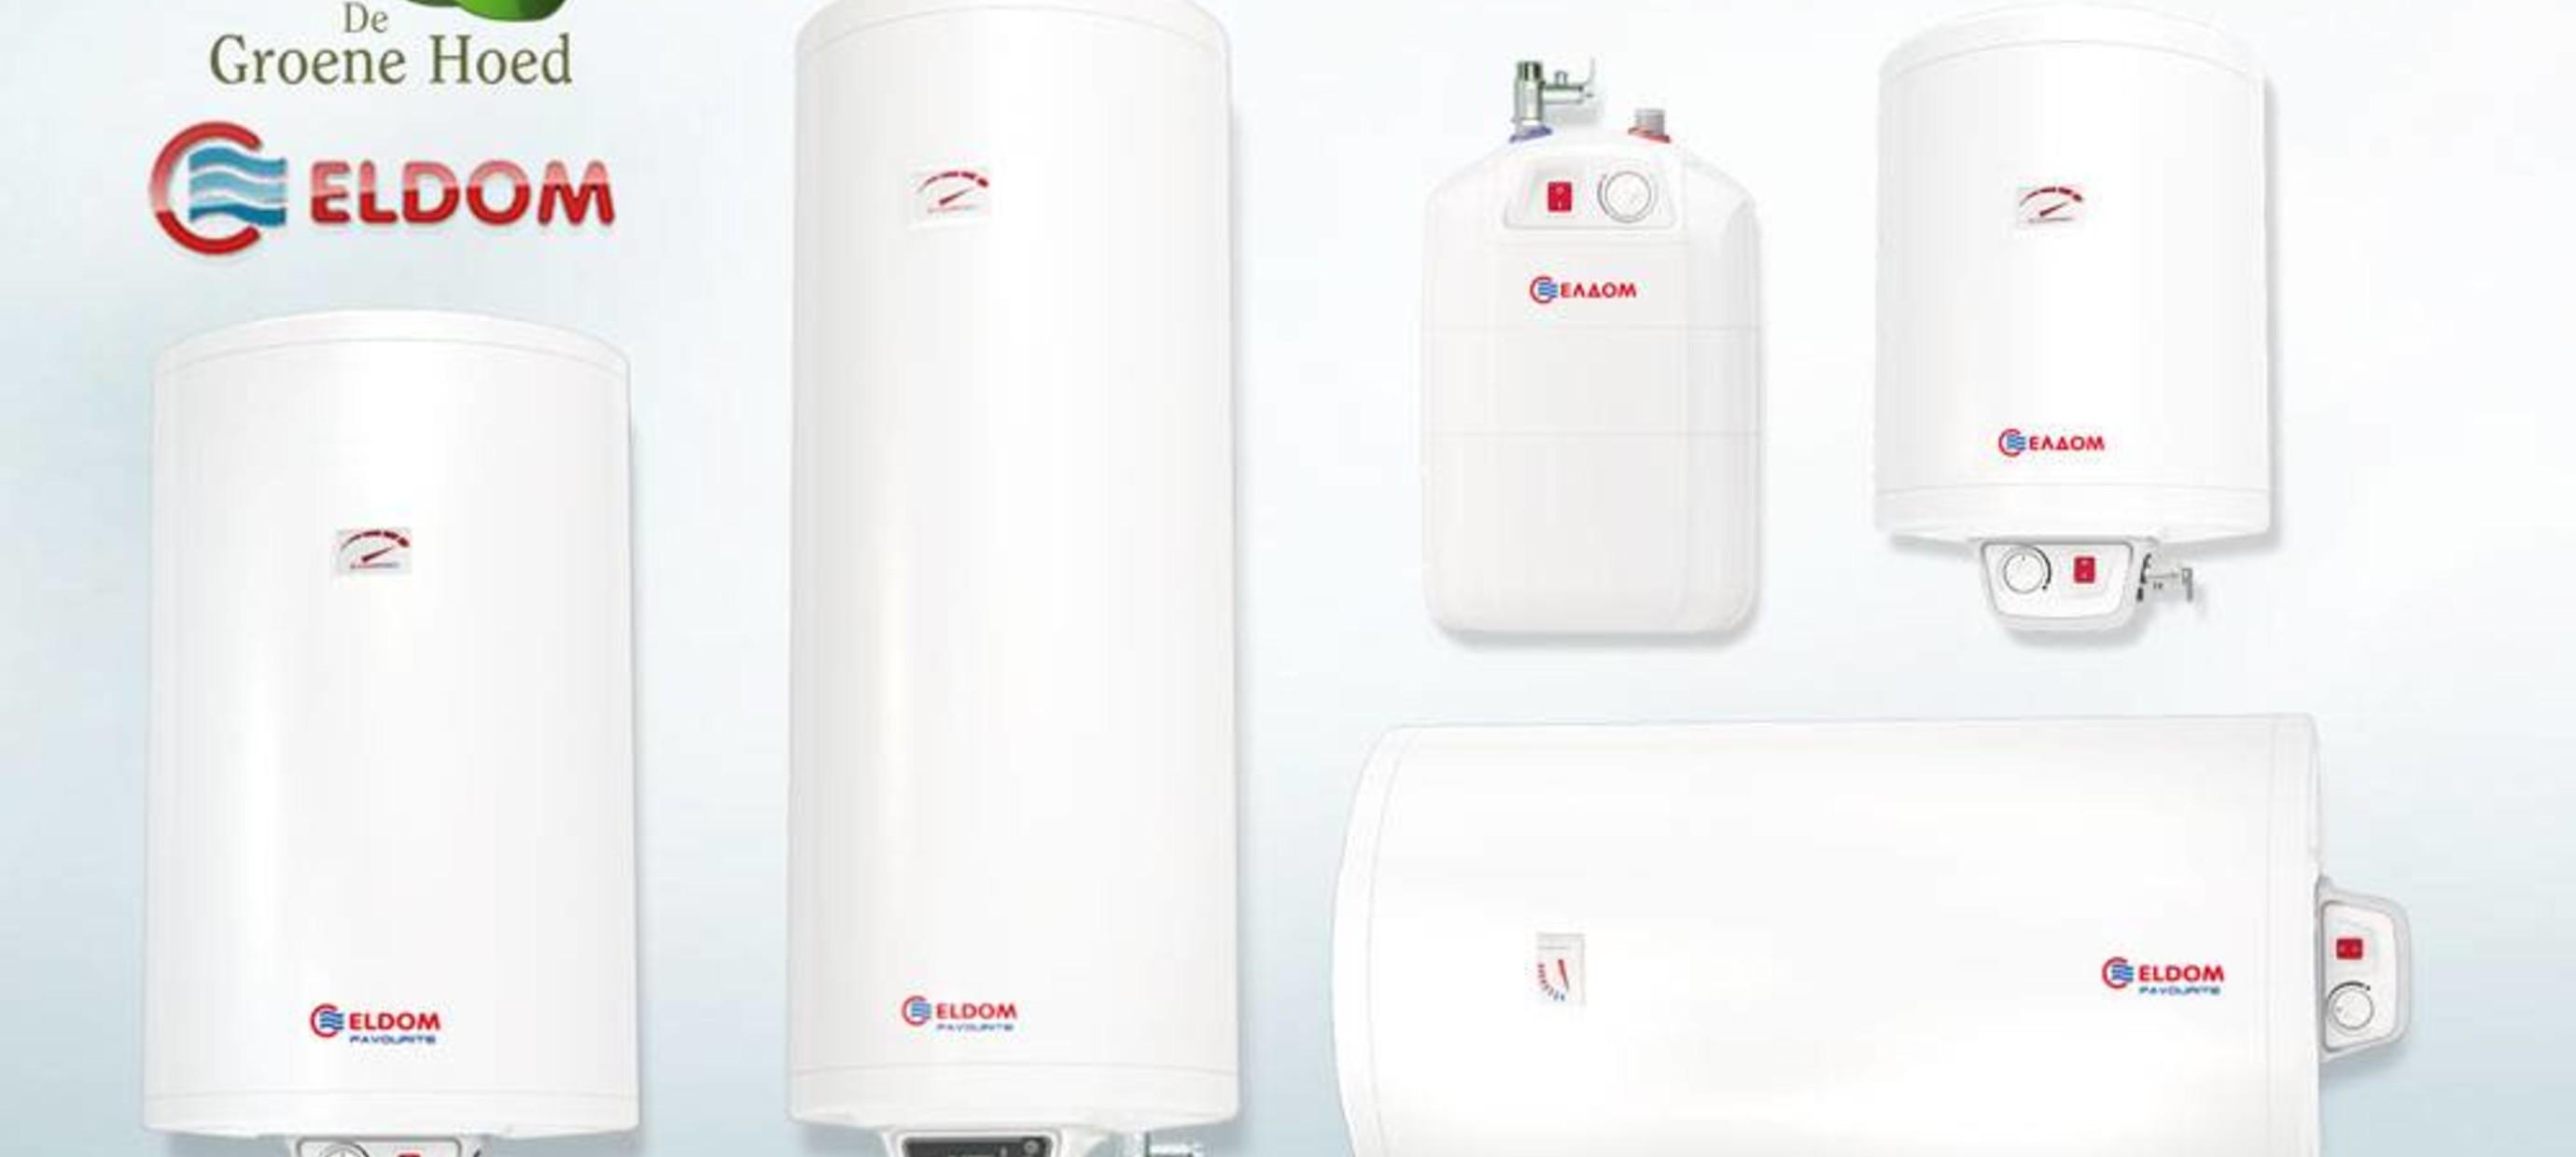 Eldom boilers, gegarandeerd de hoogste prijs-kwaliteit verhouding